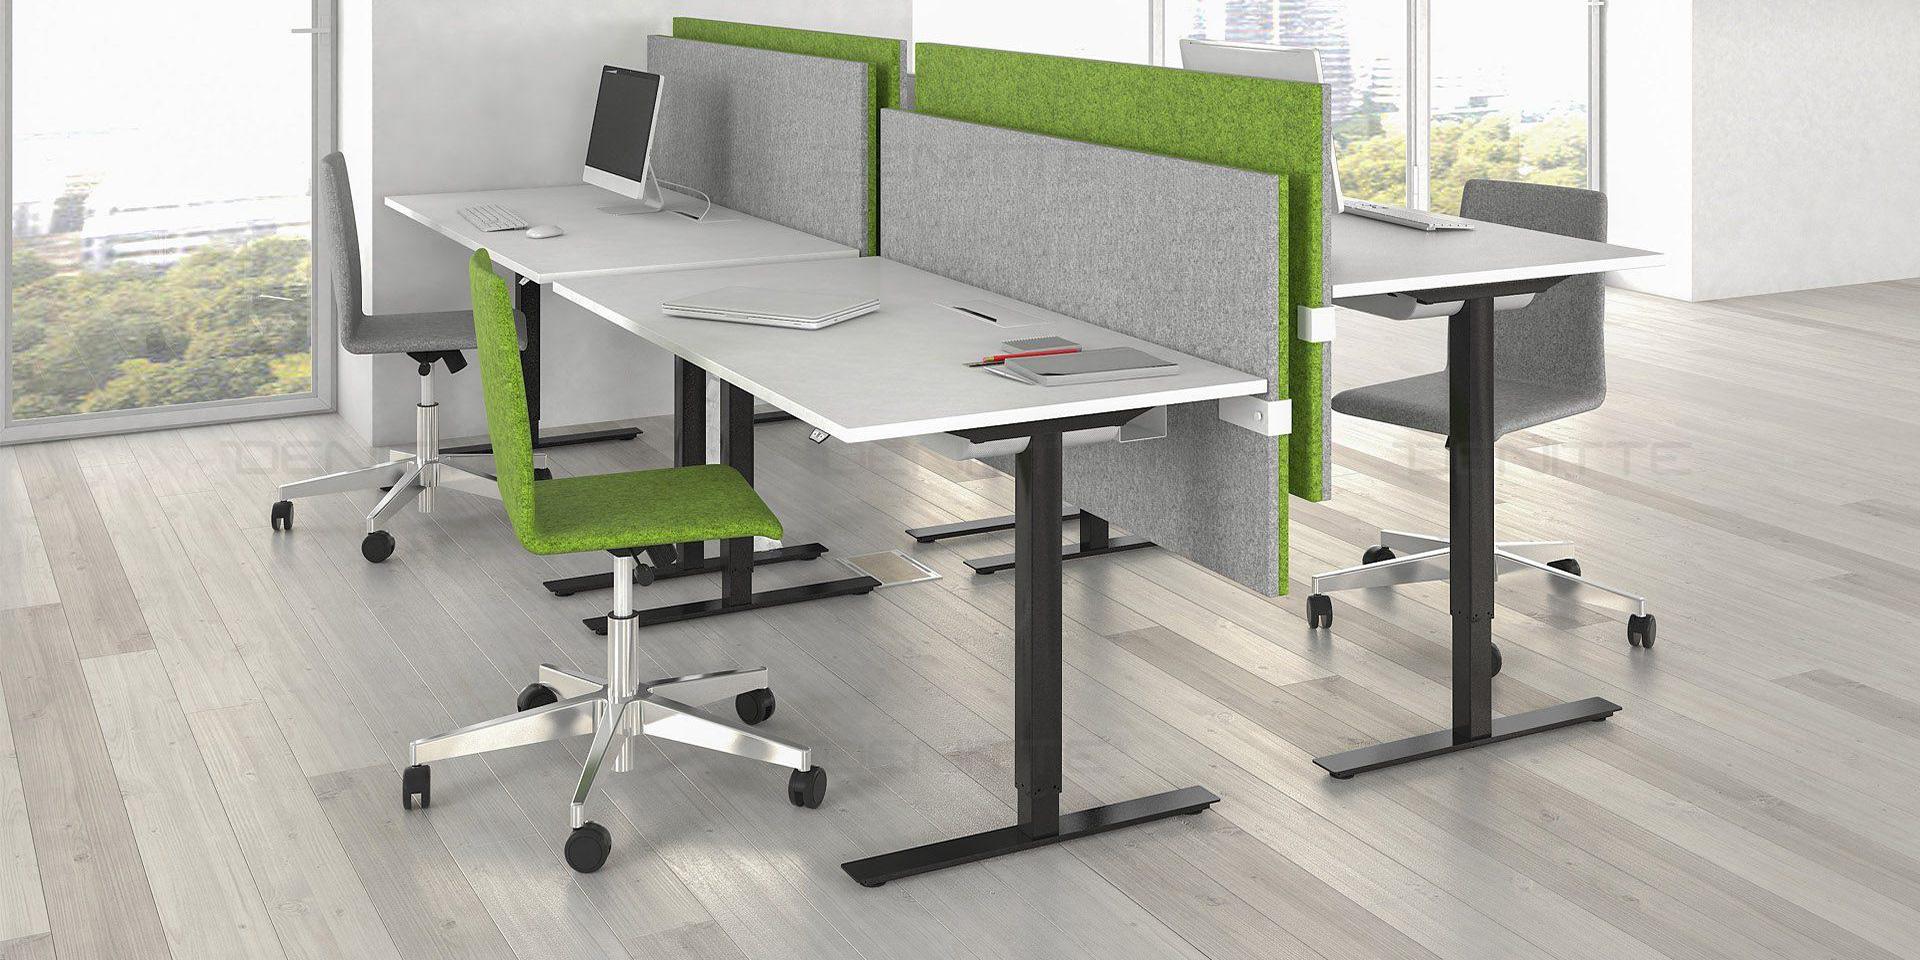 جداکننده میز FENC